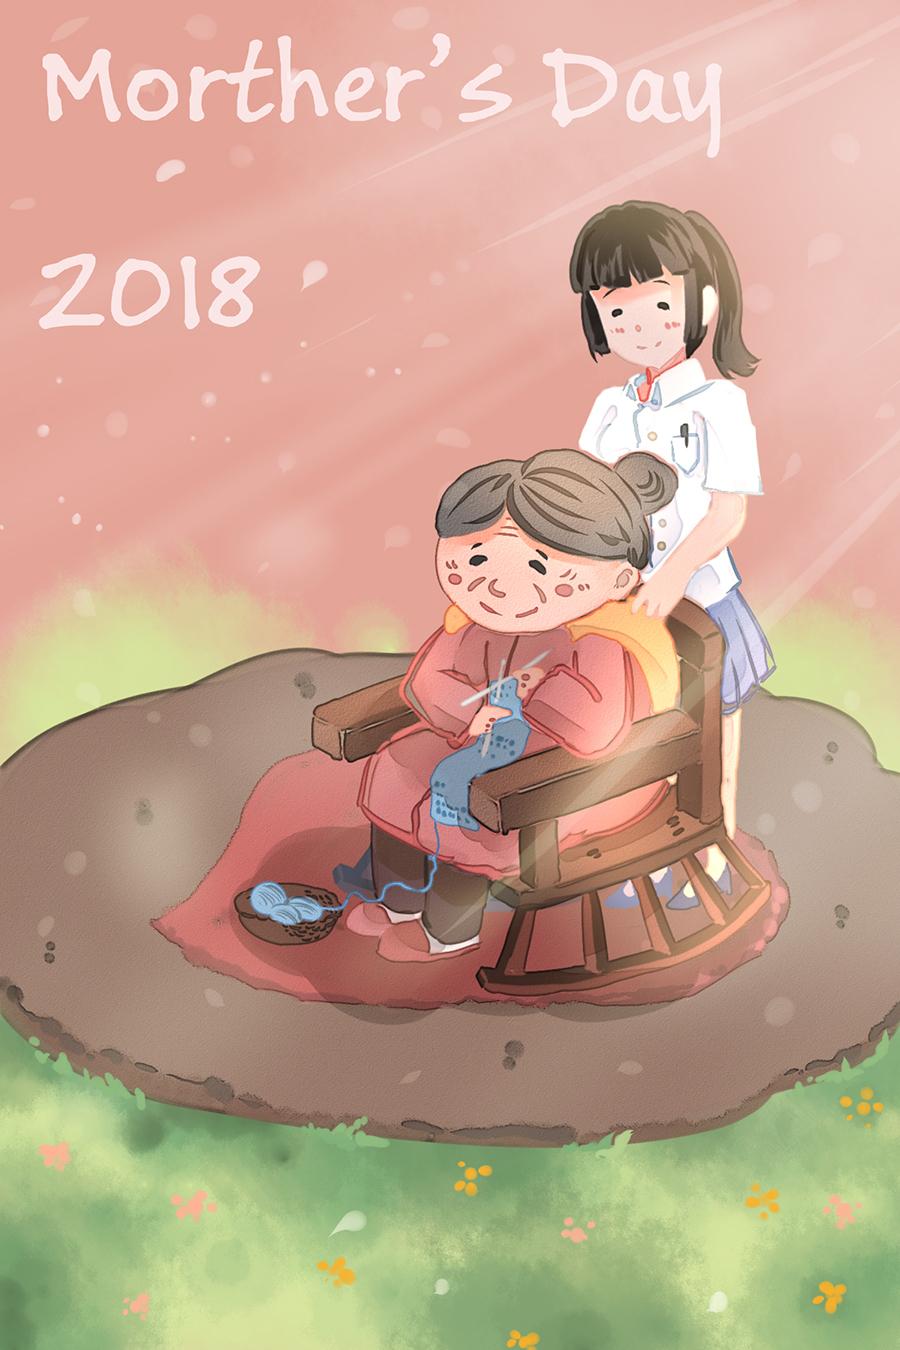 清新卡通手绘母亲节插画素材 插画-第6张